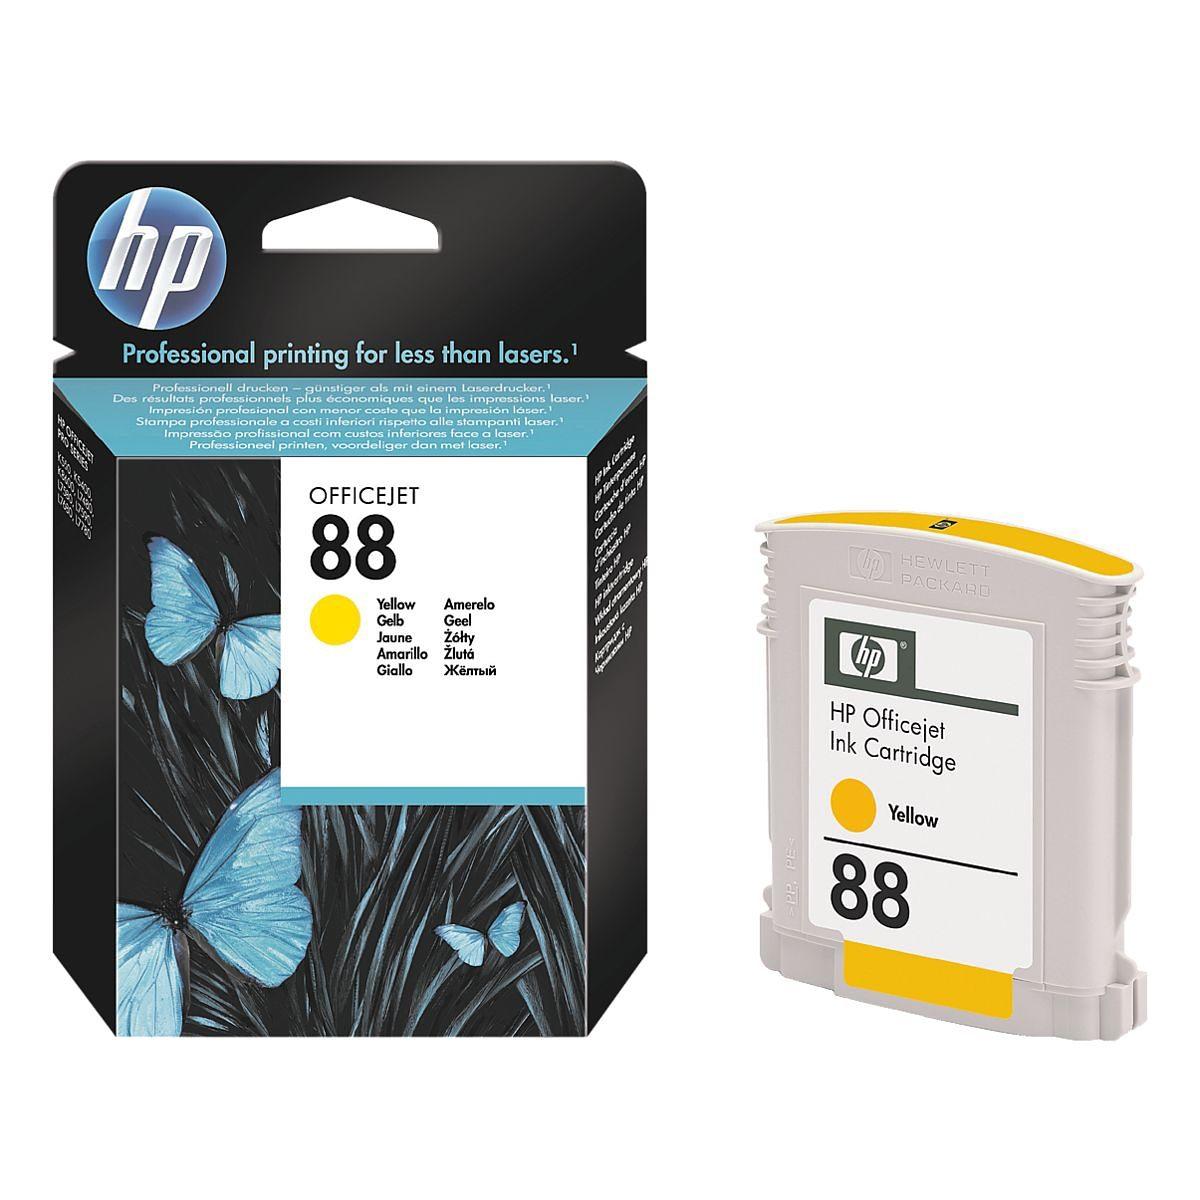 HP Tintenpatrone »HP C9388AE« HP 88